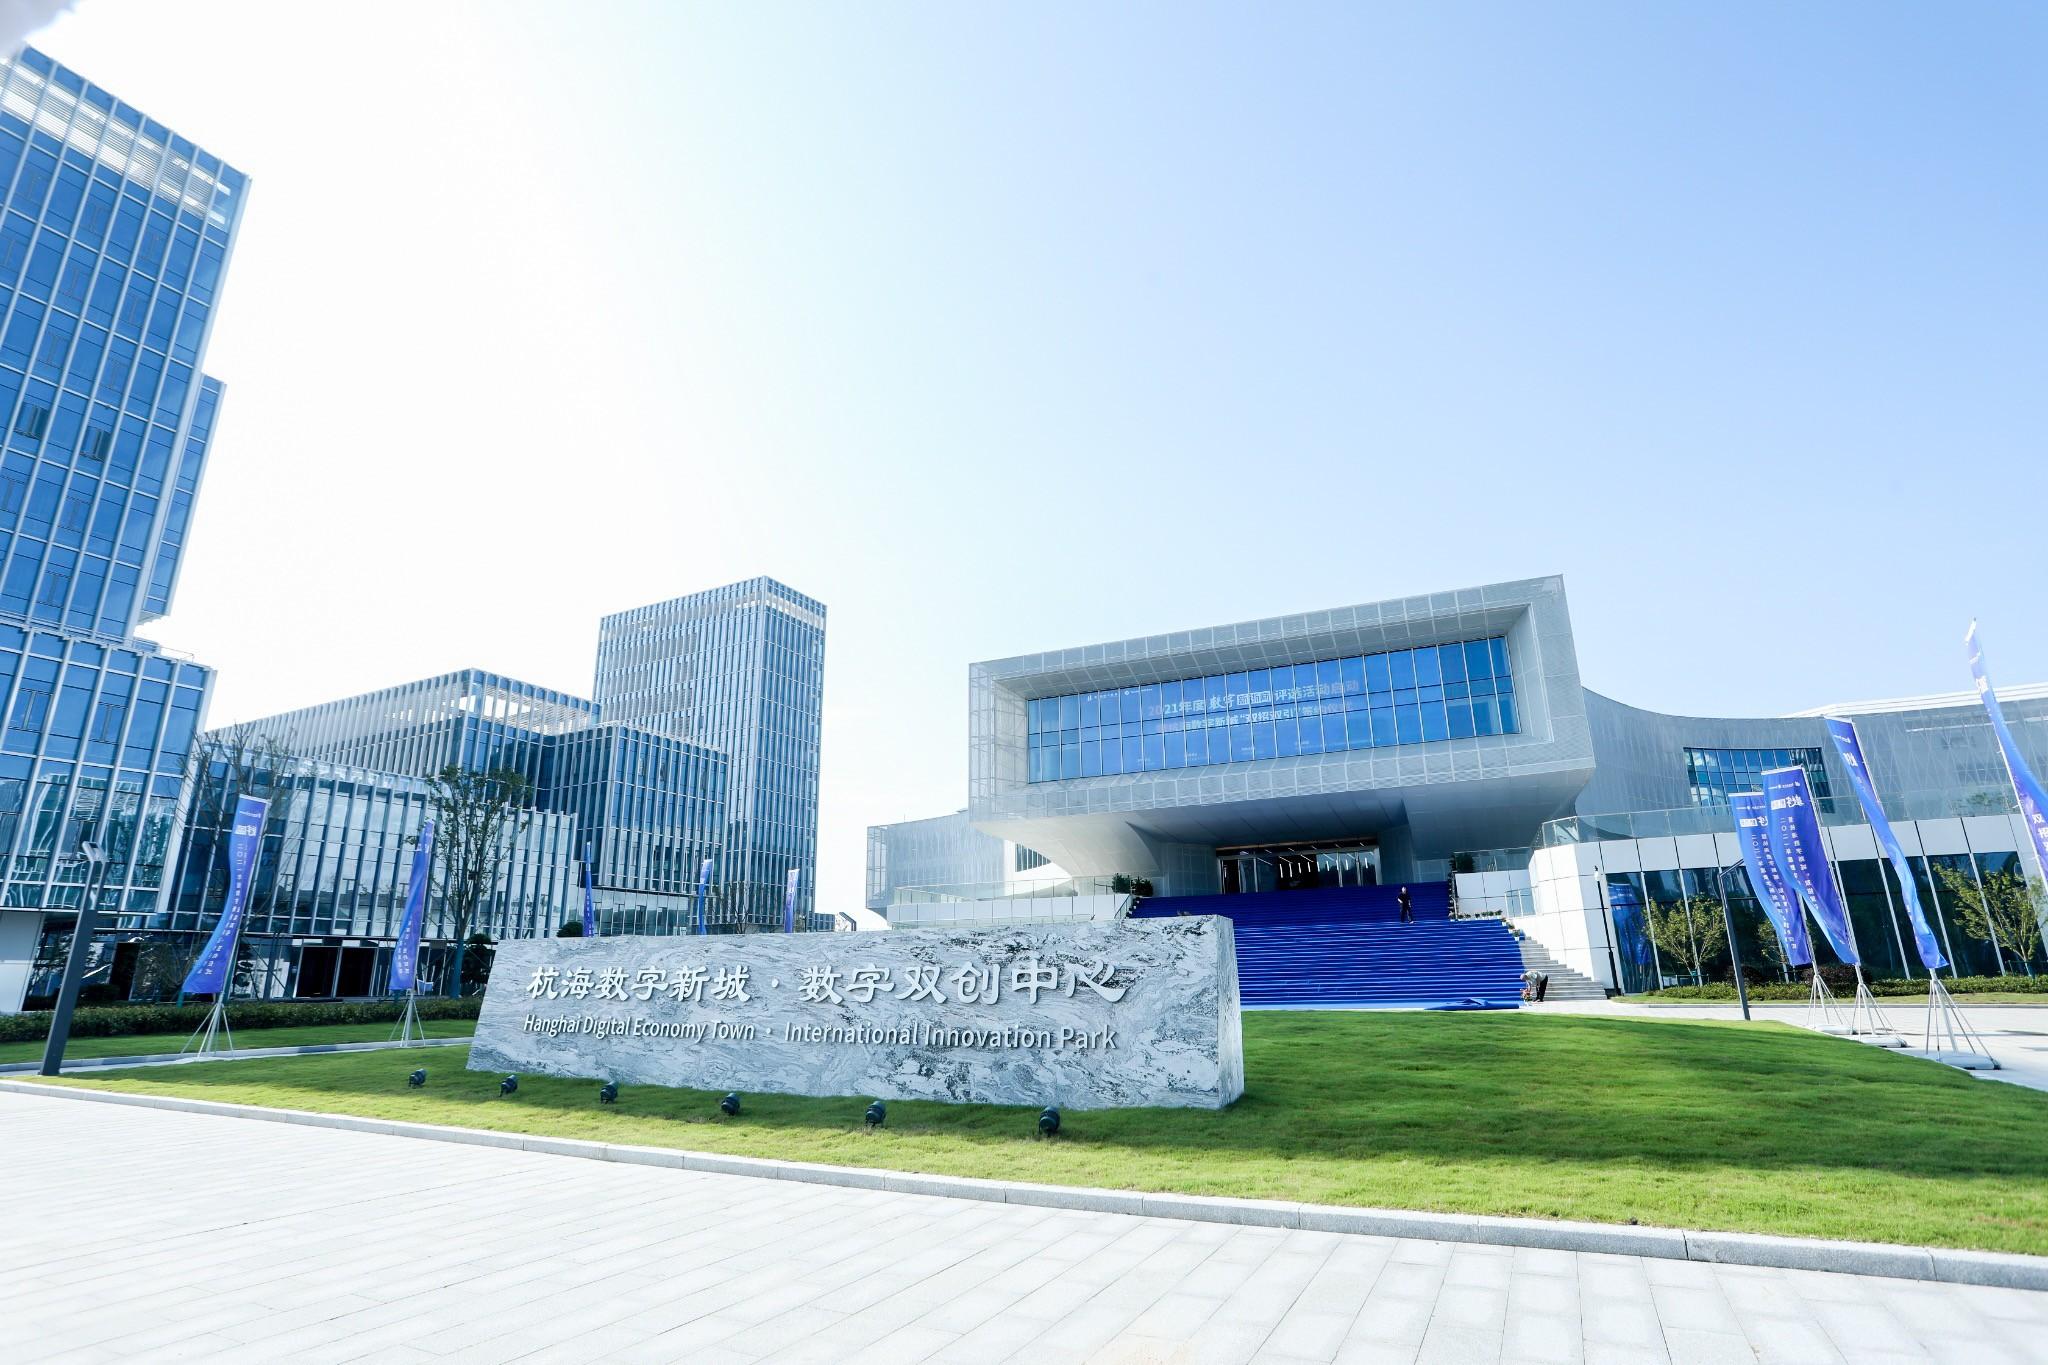 杭海数字新城再迎一批企业落户 走出跨越式发展新路径